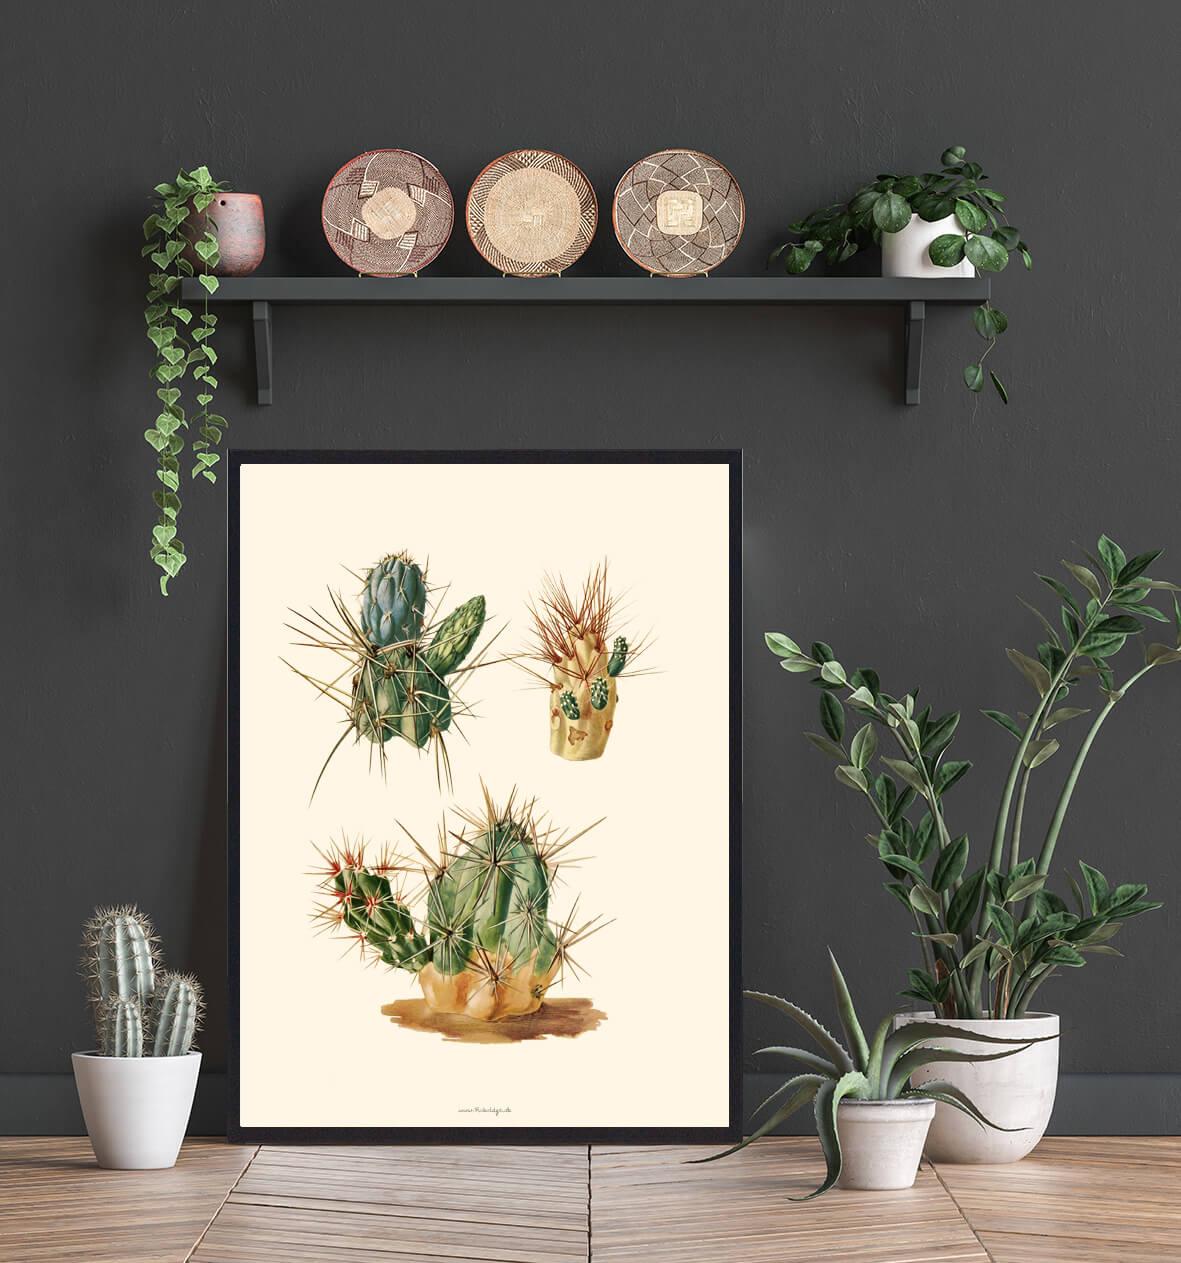 plakate-kaktus-plakat-3